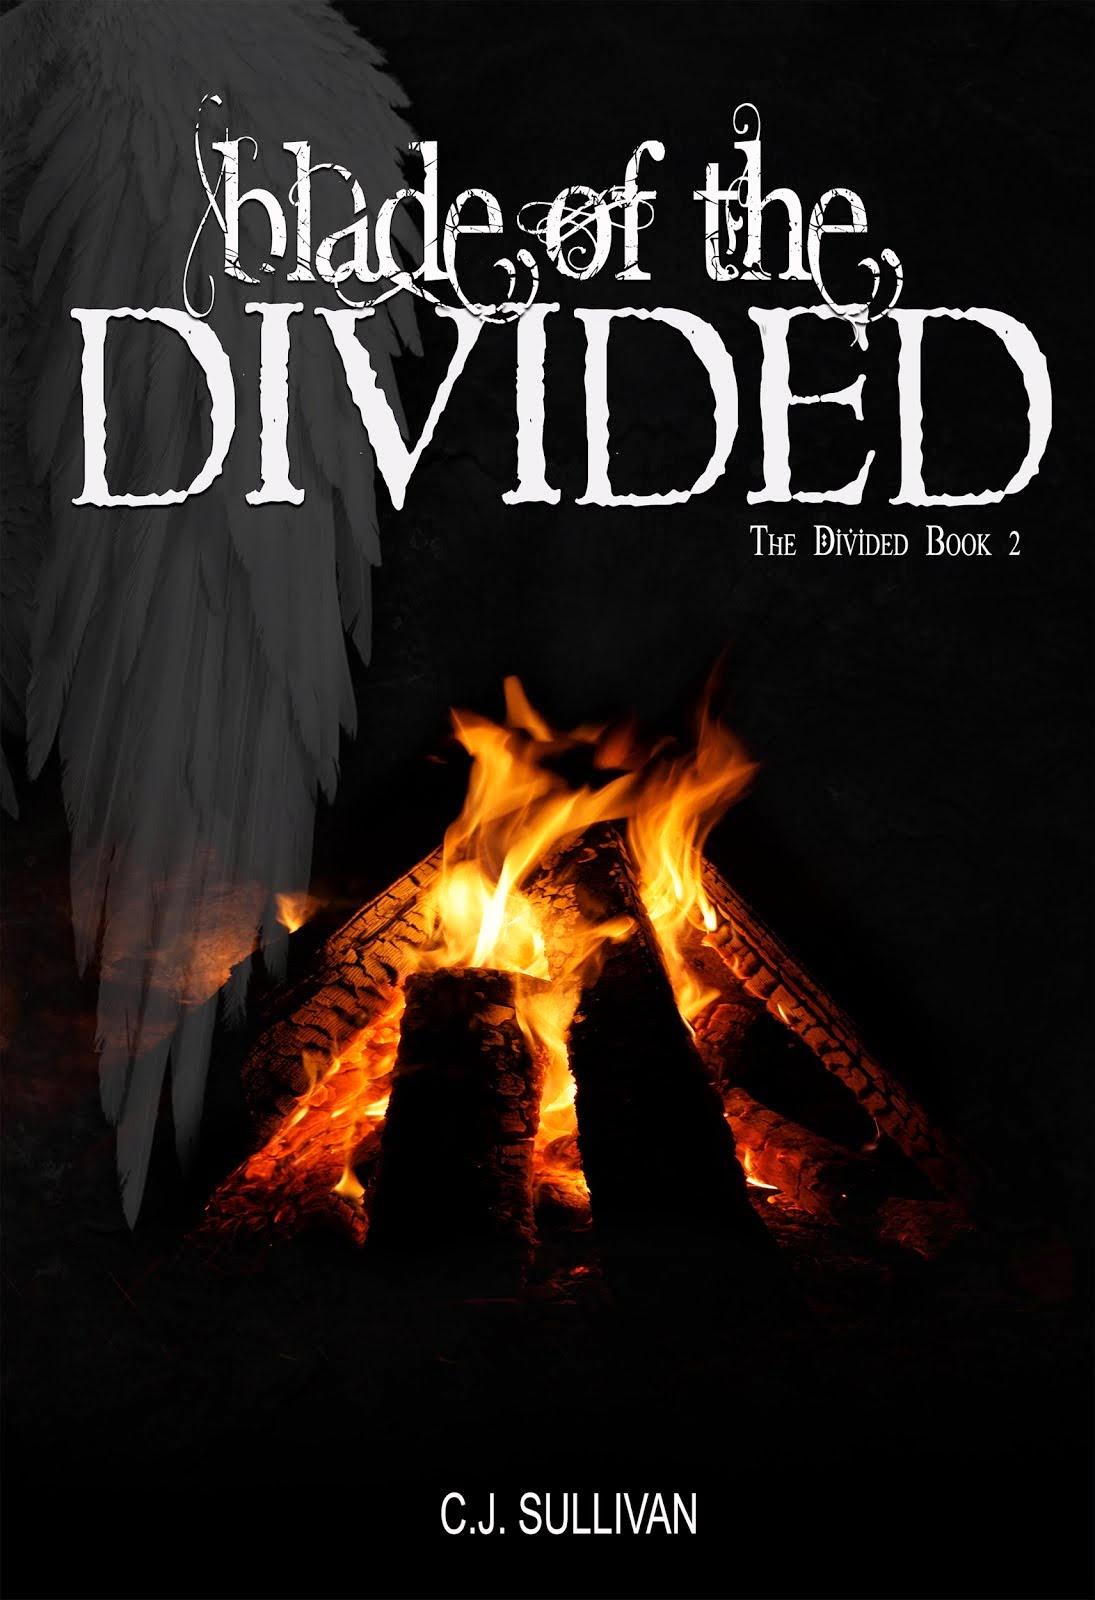 Book 2 (2013)